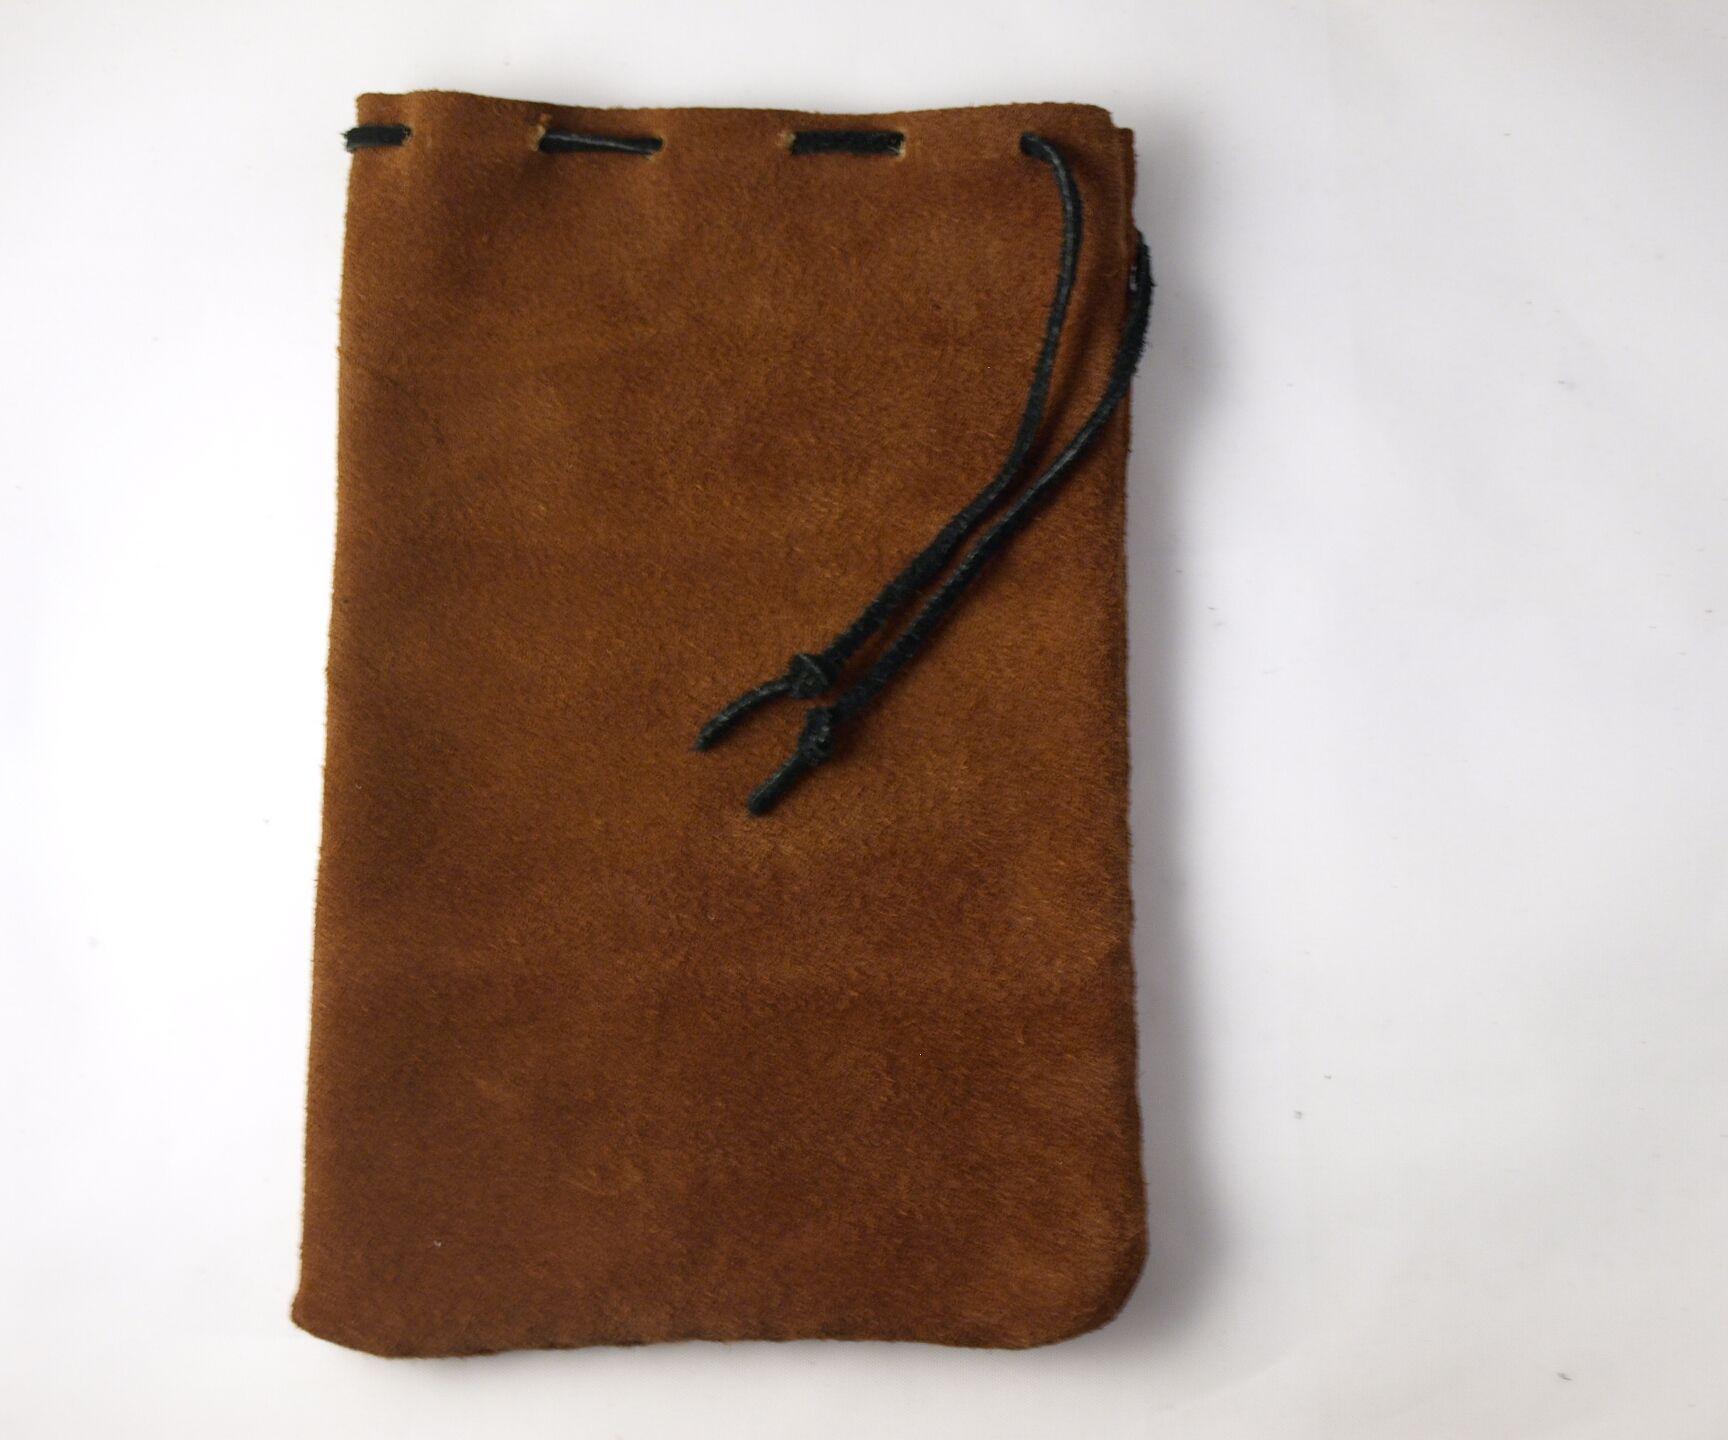 Suede Drawstring Bag